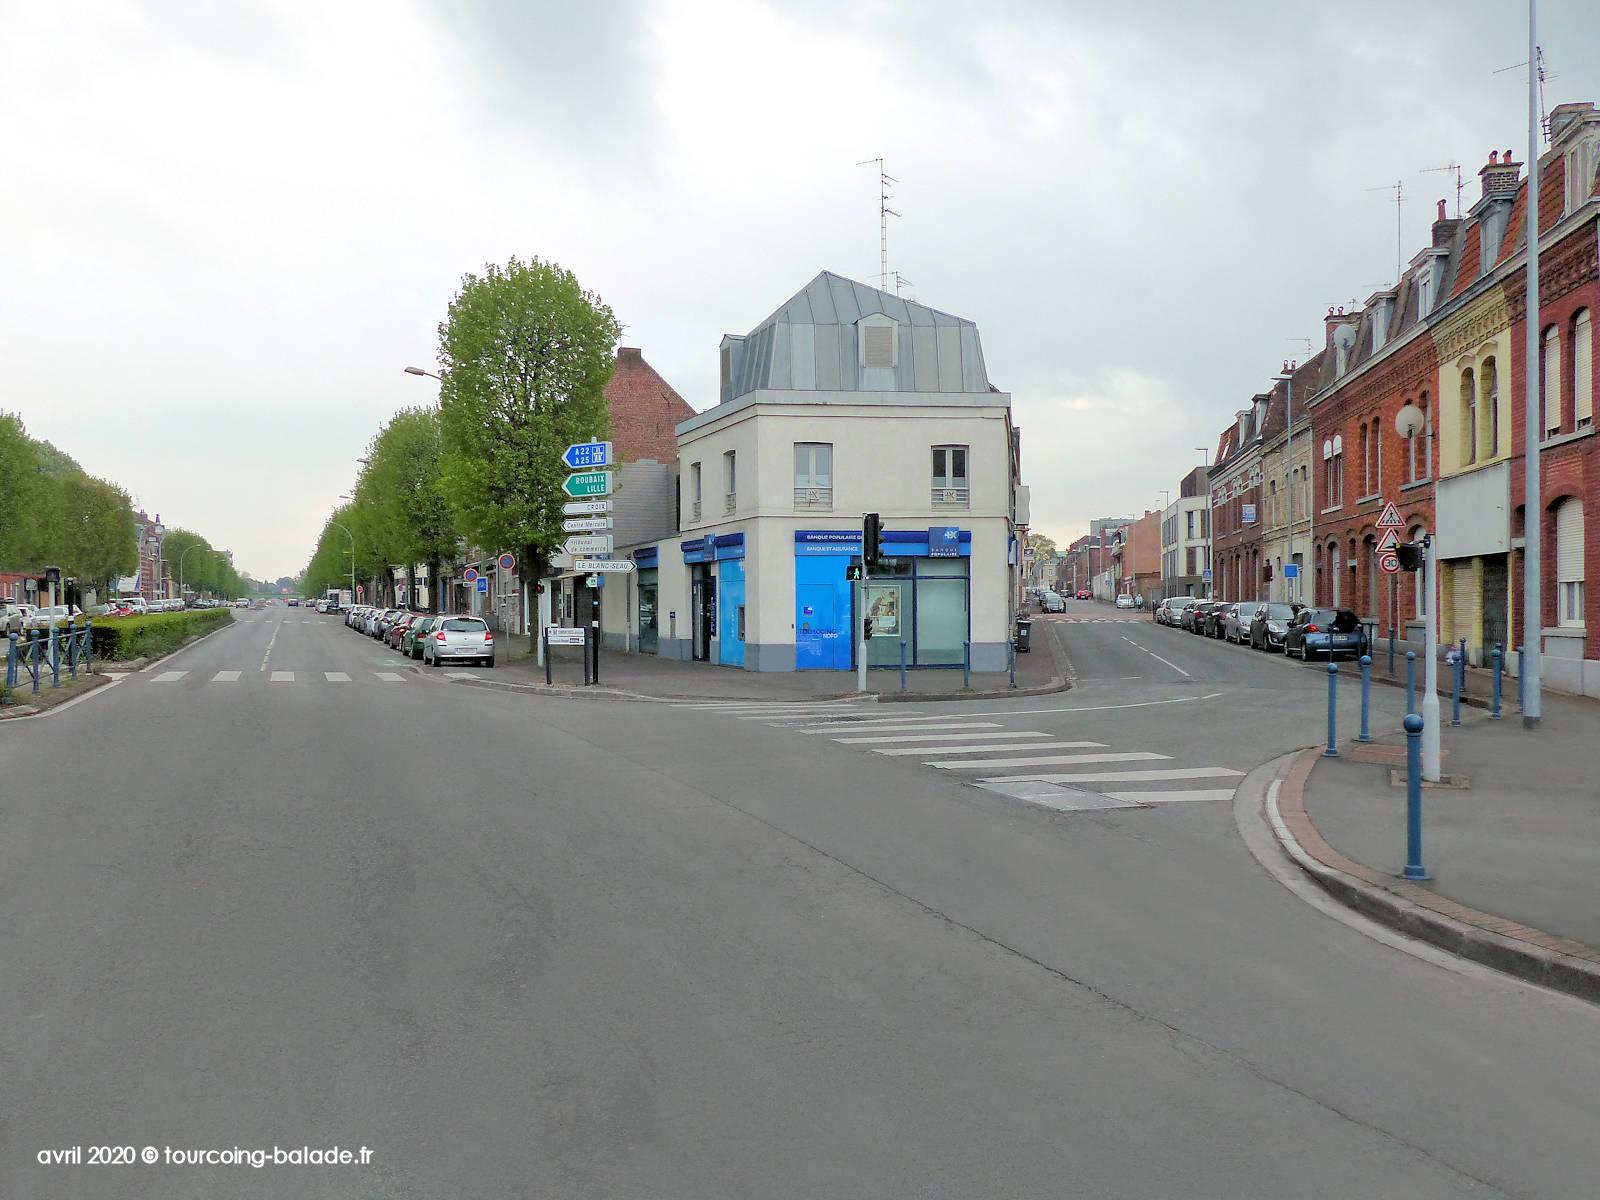 Boulevard Gambetta et Rue des Carliers, Tourcoing, 2020.